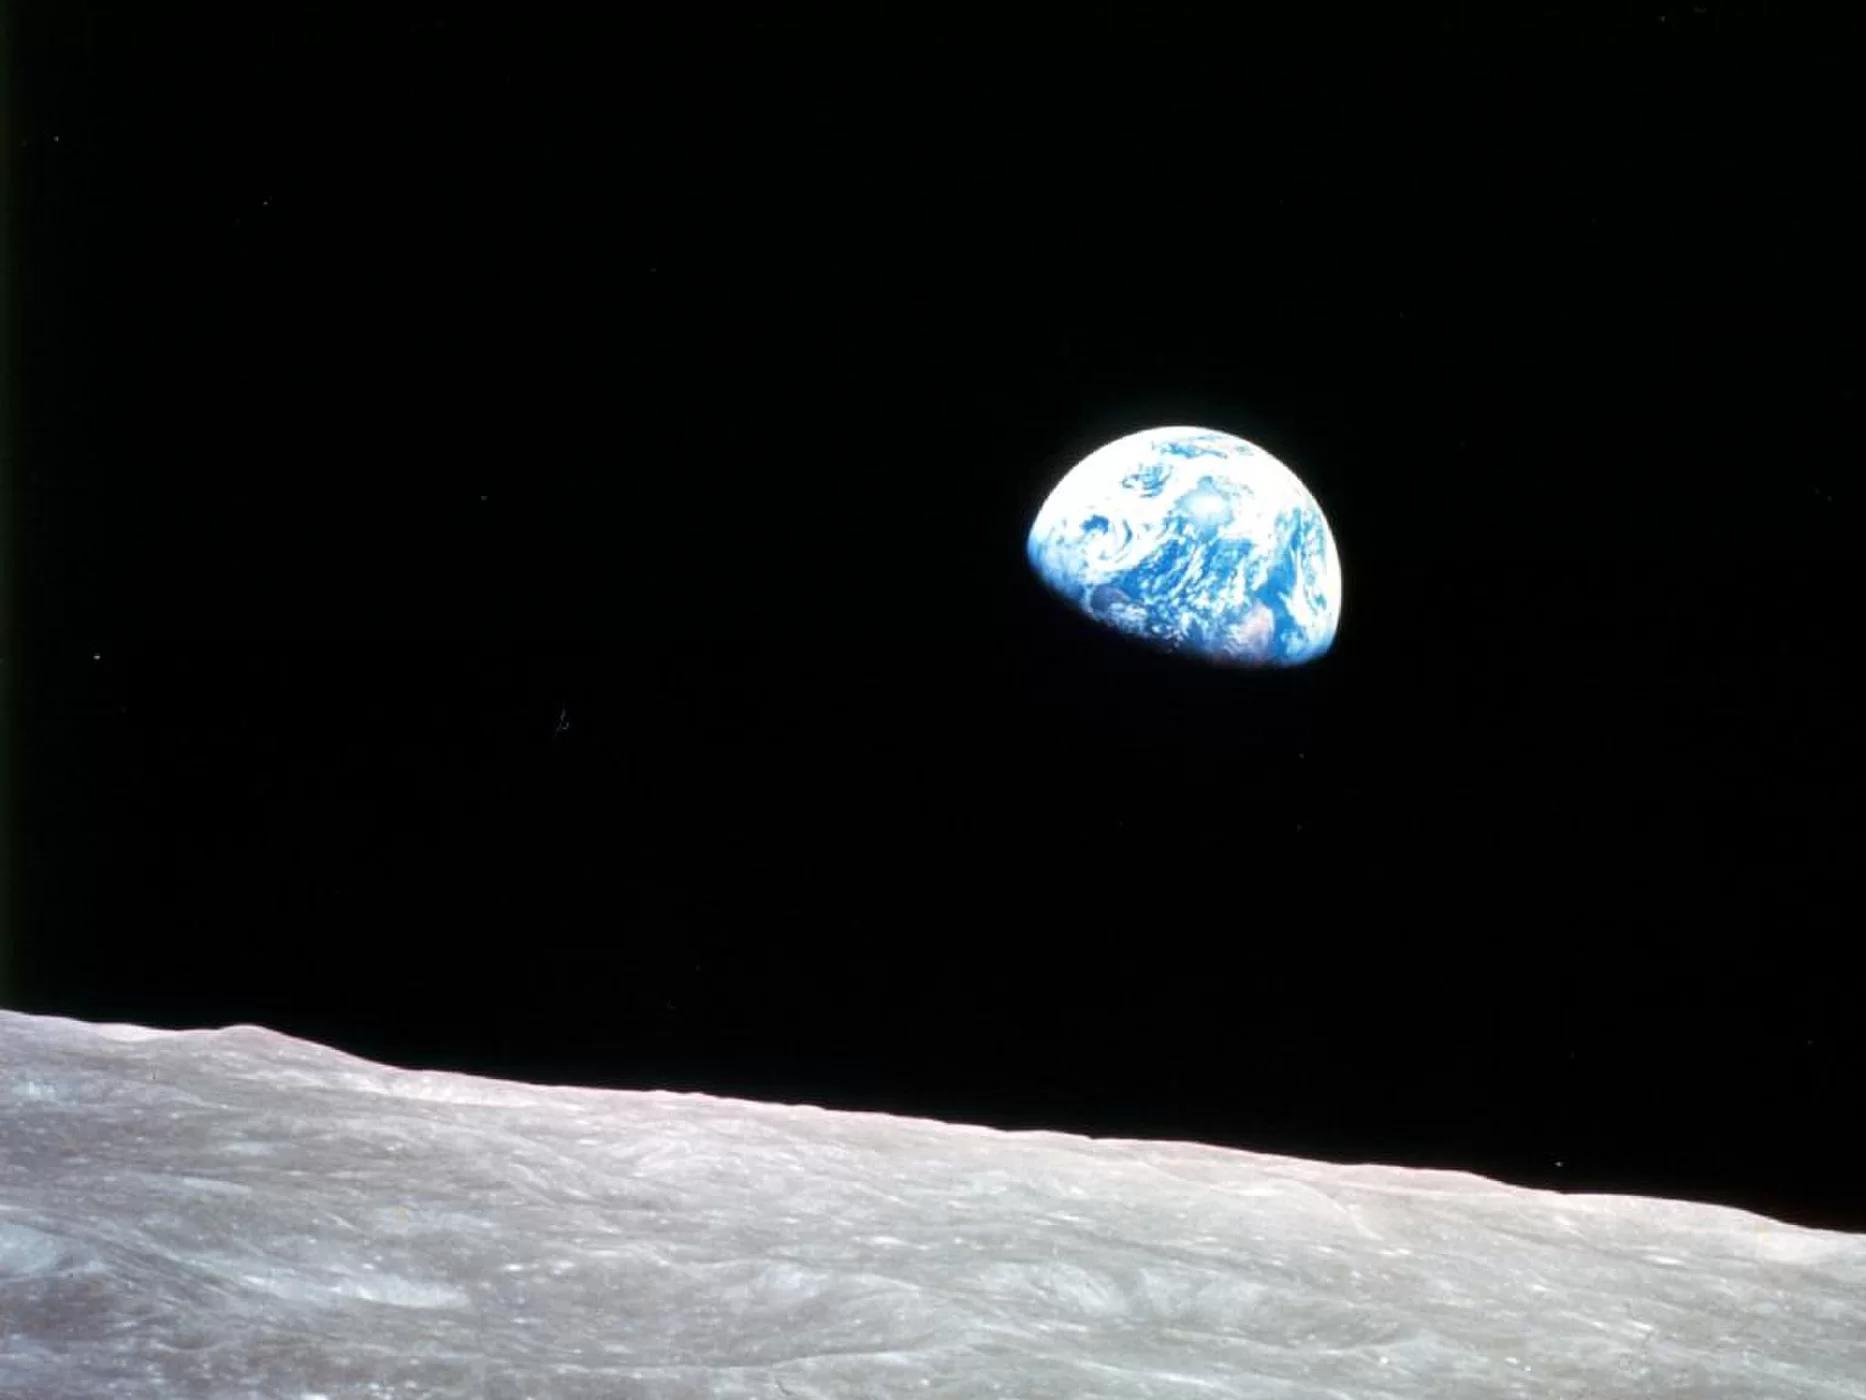 人类探月系列文章(七):宇航员在圣诞节进入月球轨道